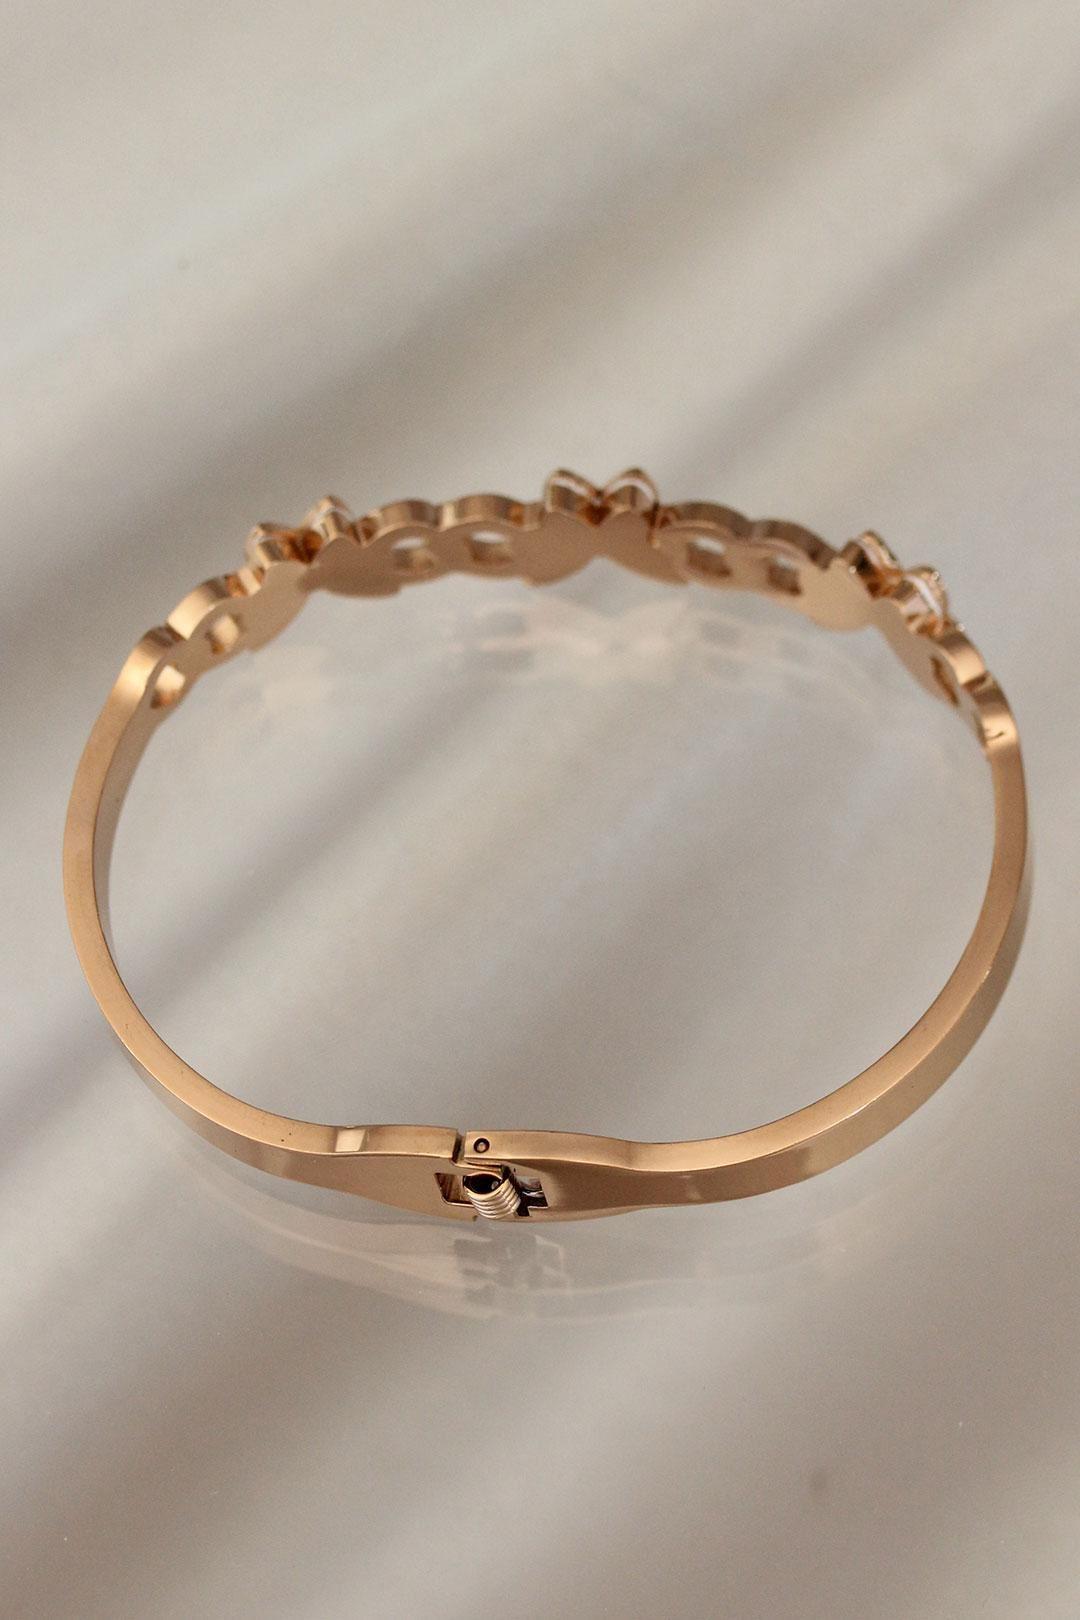 Kelebek Tasarımlı Zirkon Taşlı Gold Renk Çelik Bilezik